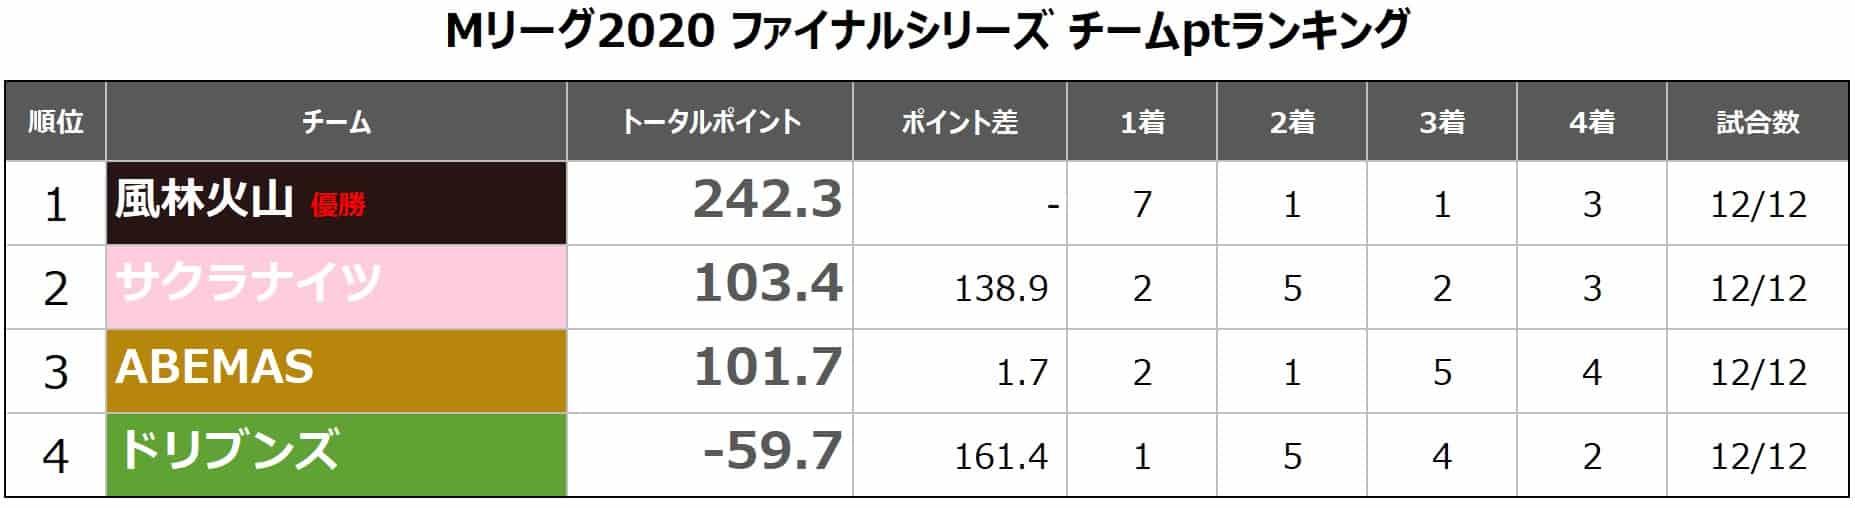 M-League2020final_ ranking_Team20210518